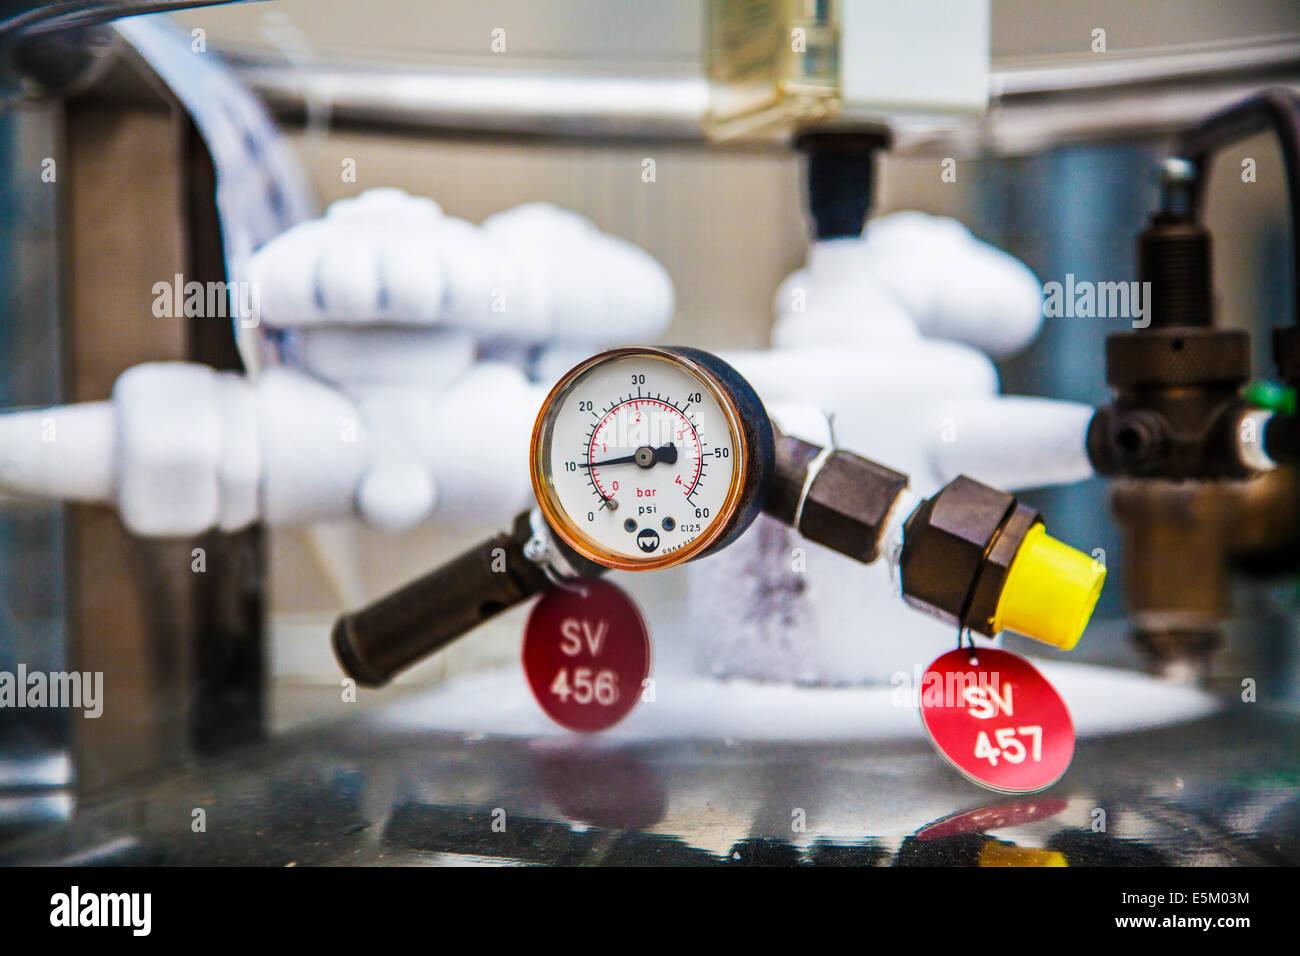 Un misuratore di pressione in una scienza laboratorio di ricerca. Immagini Stock